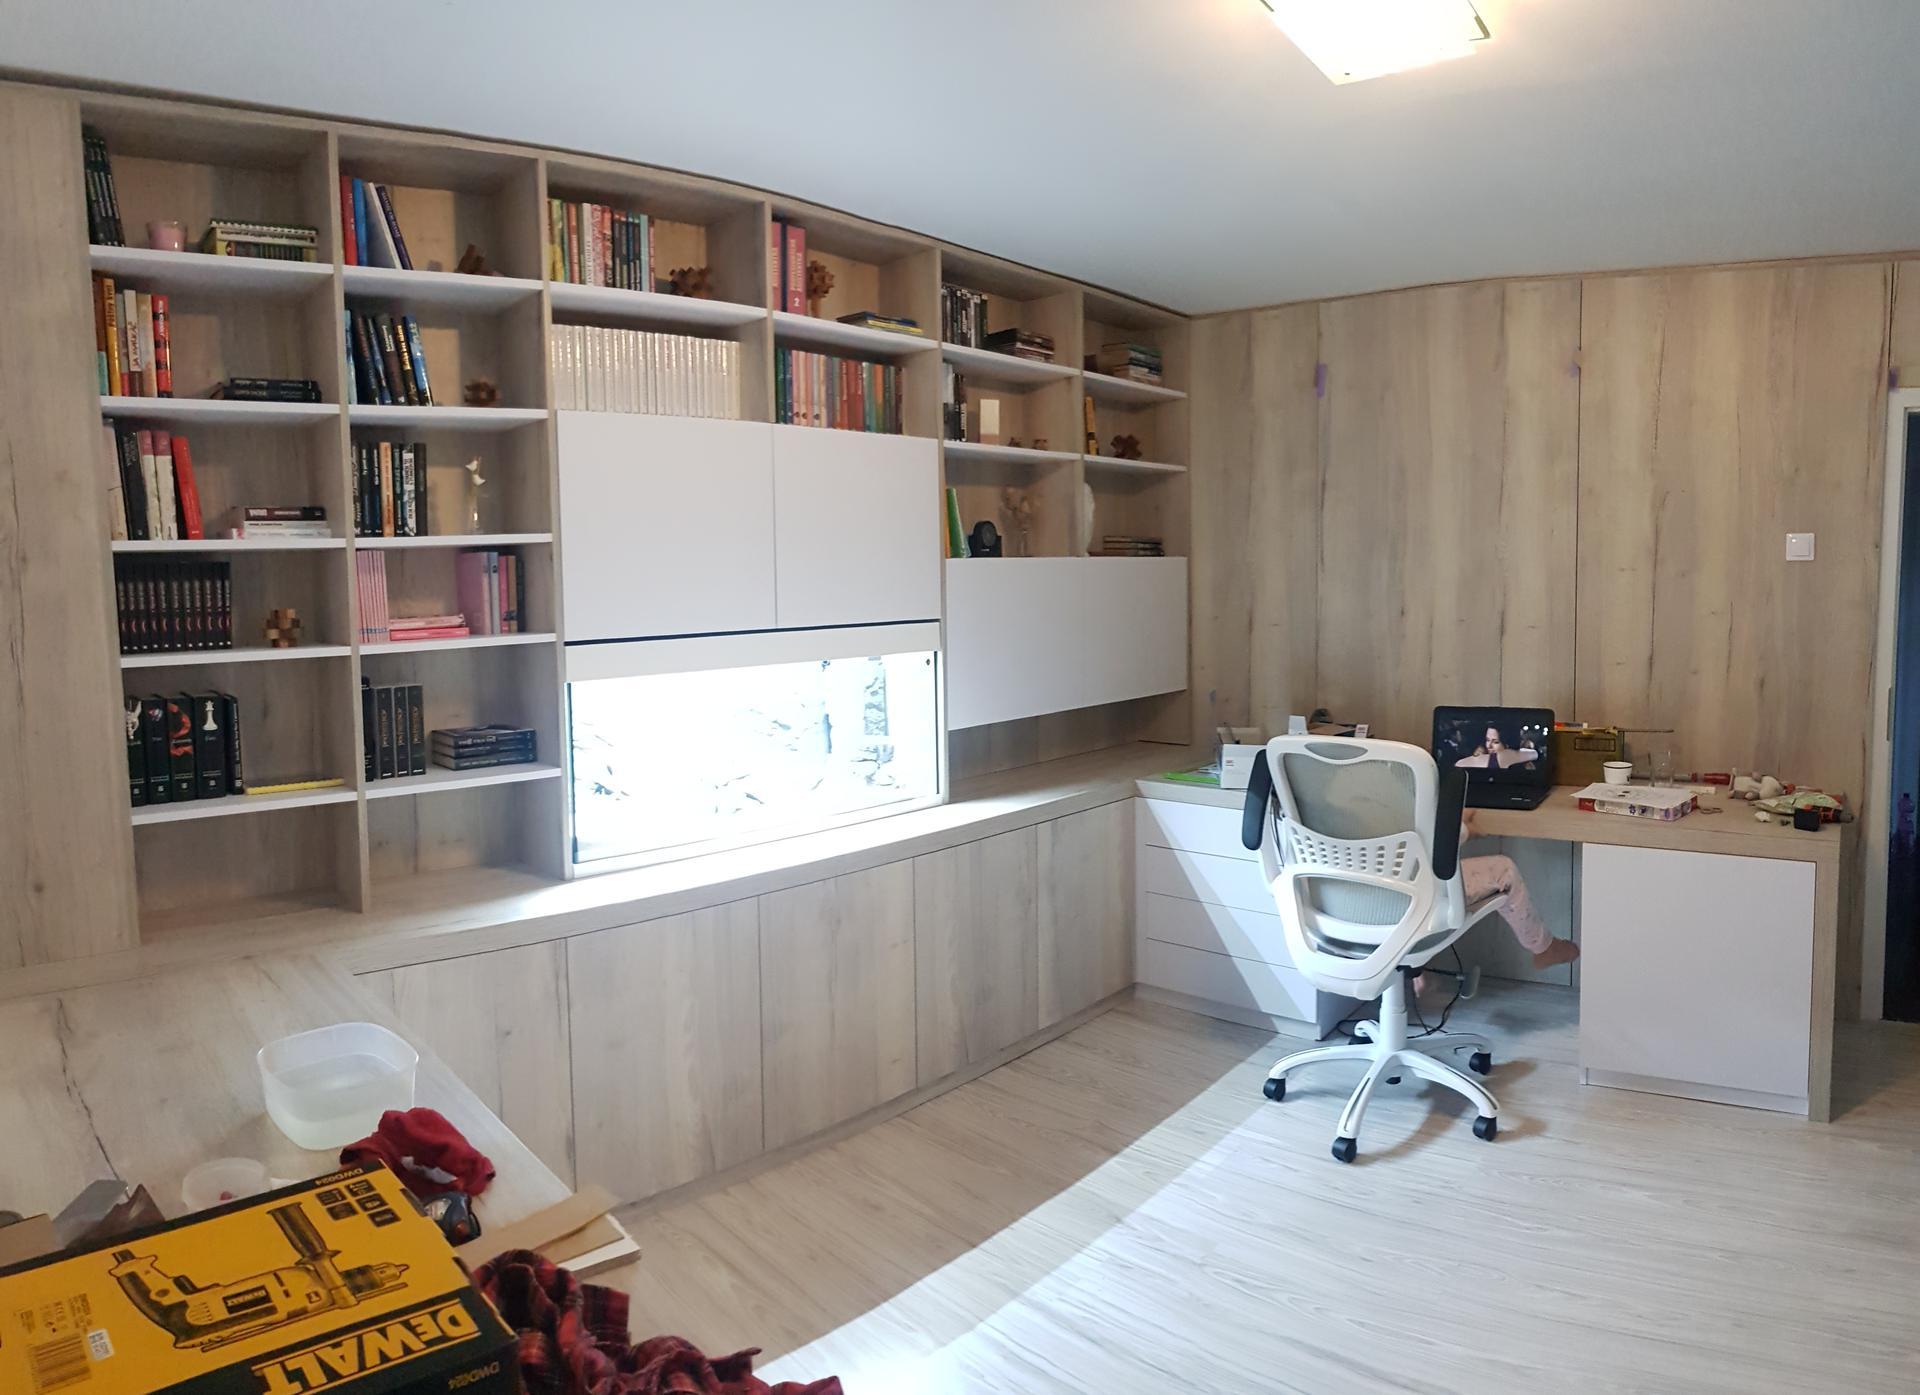 Naša rekonštrukcia - ... ostáva nám len doplniť dekorácie na celkové zútulnenie miestnosti